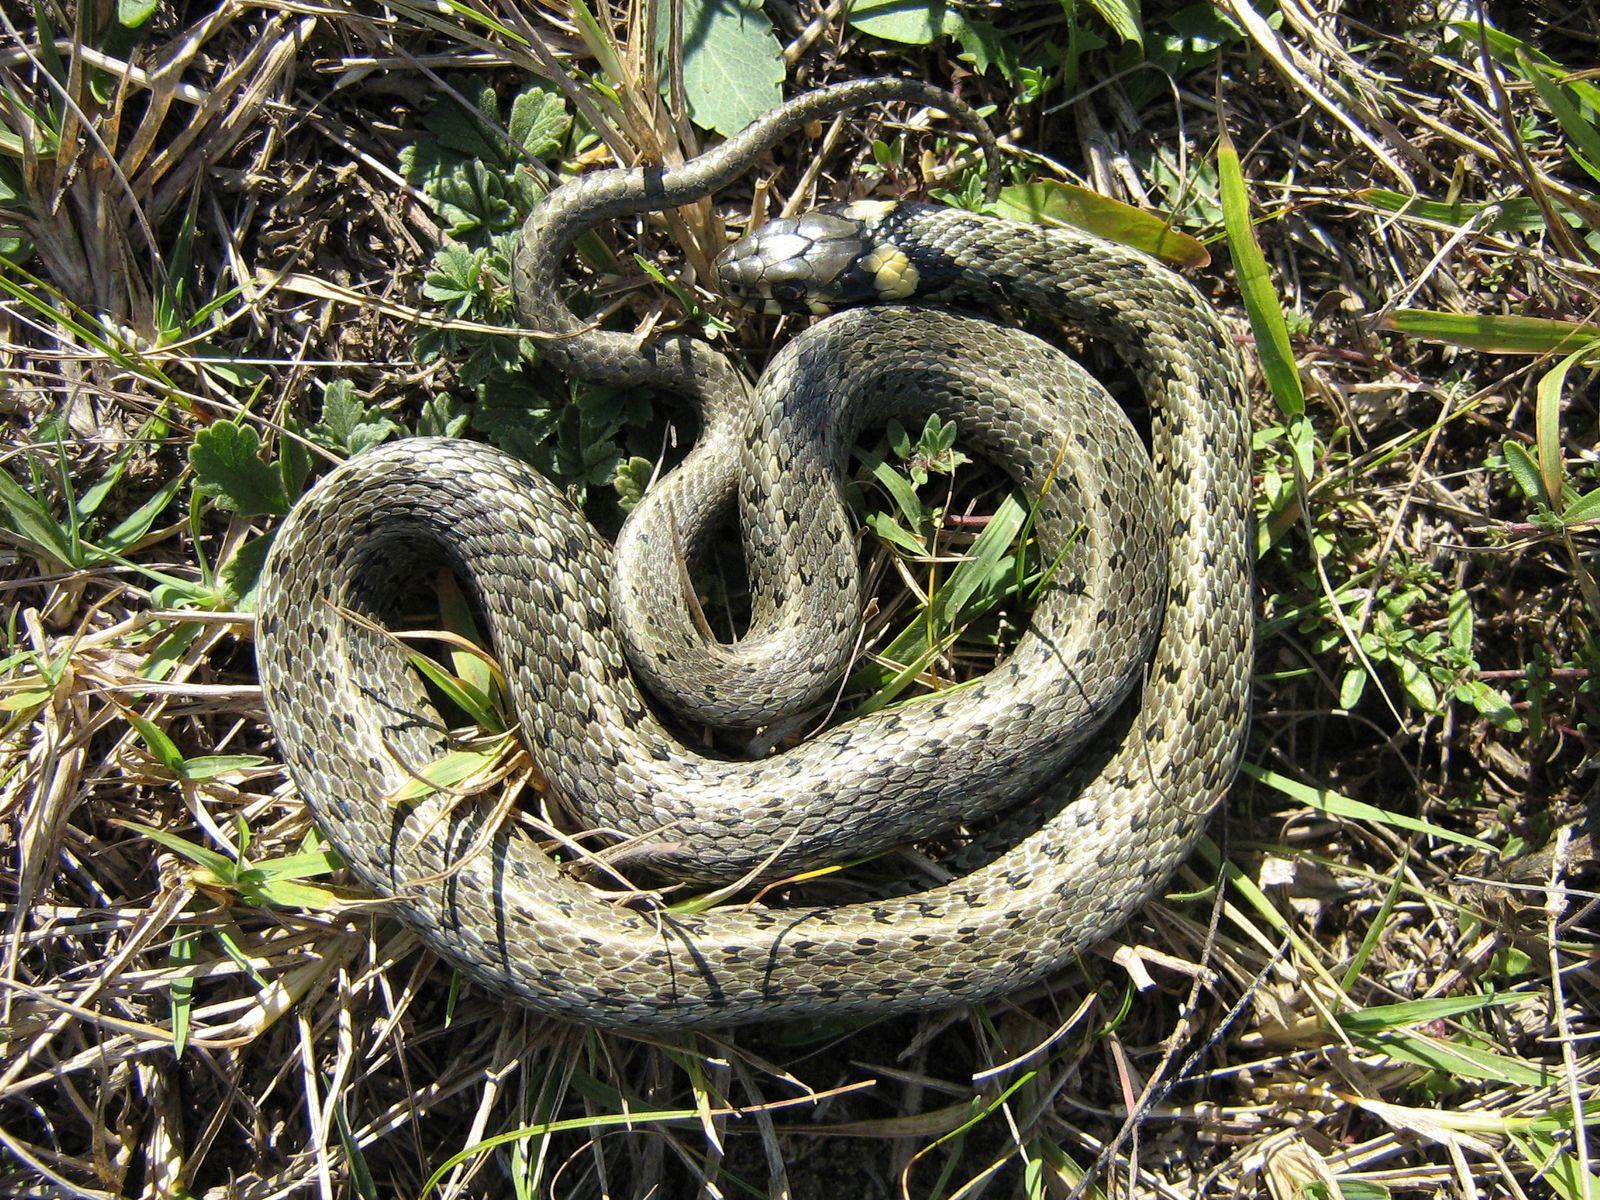 Reptiles - Grass snake